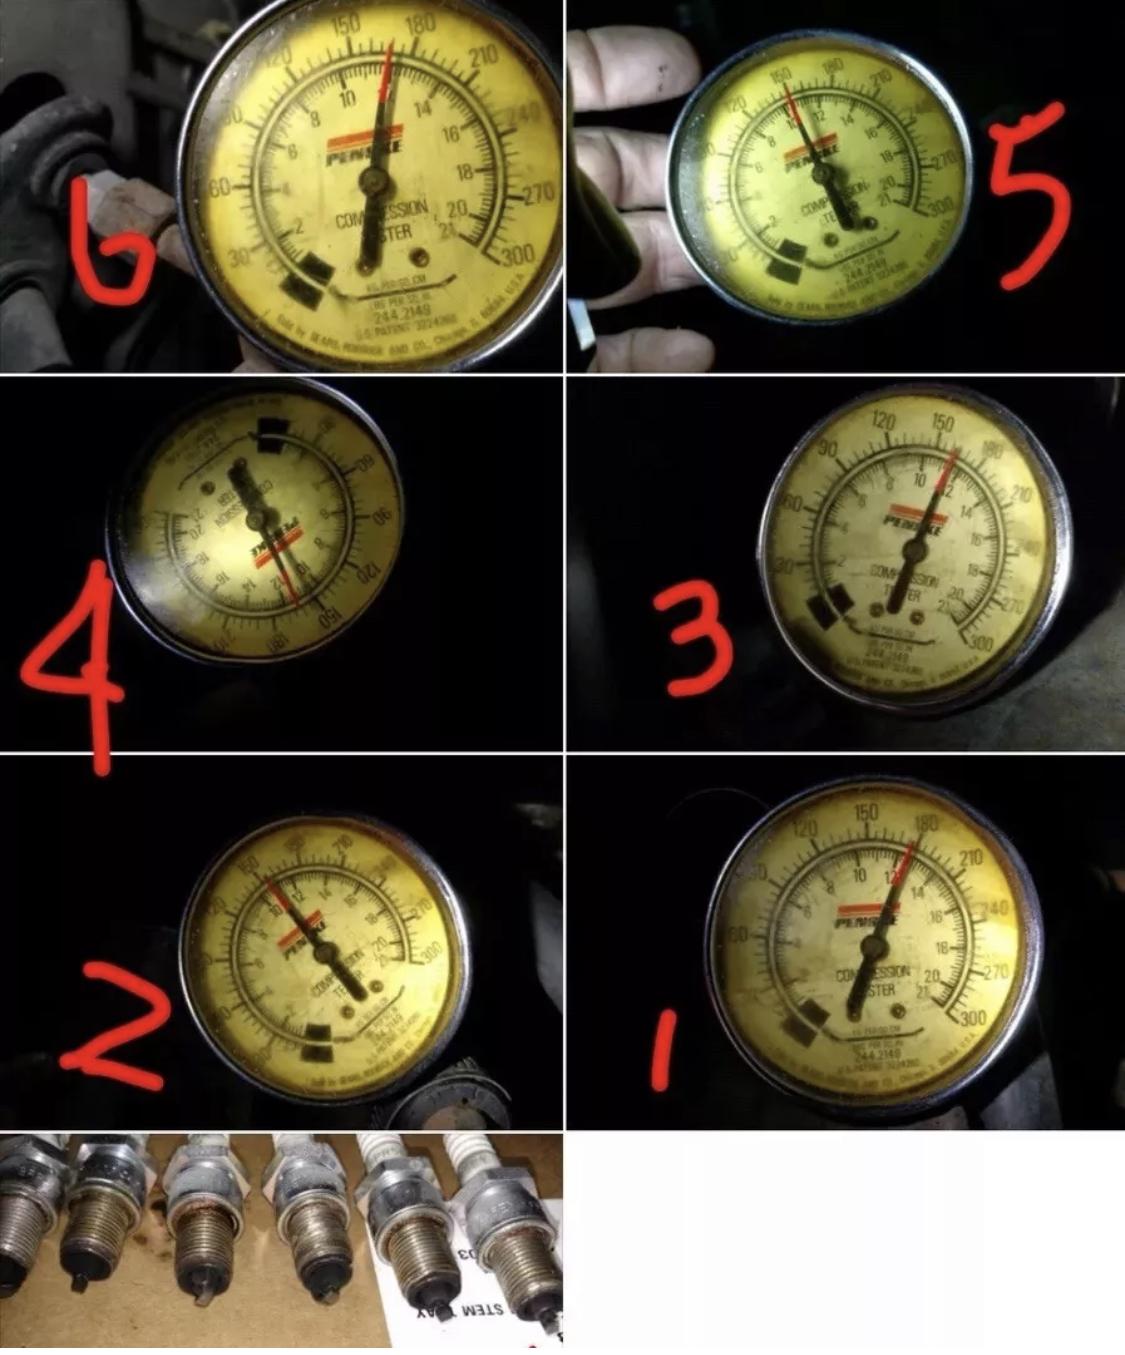 97F87E4A-831C-4930-A7D3-04EFFDAE3E5E.jpeg